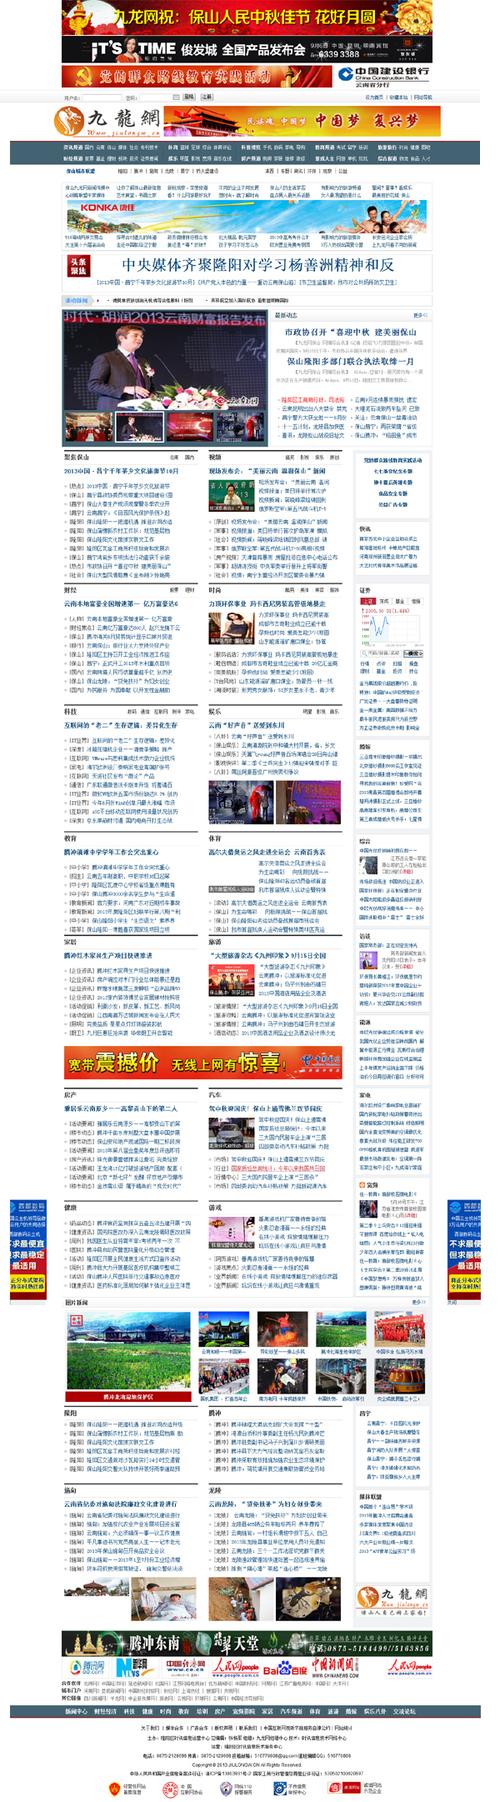 喜迎中秋 贺国庆—保山九龙网正式上线